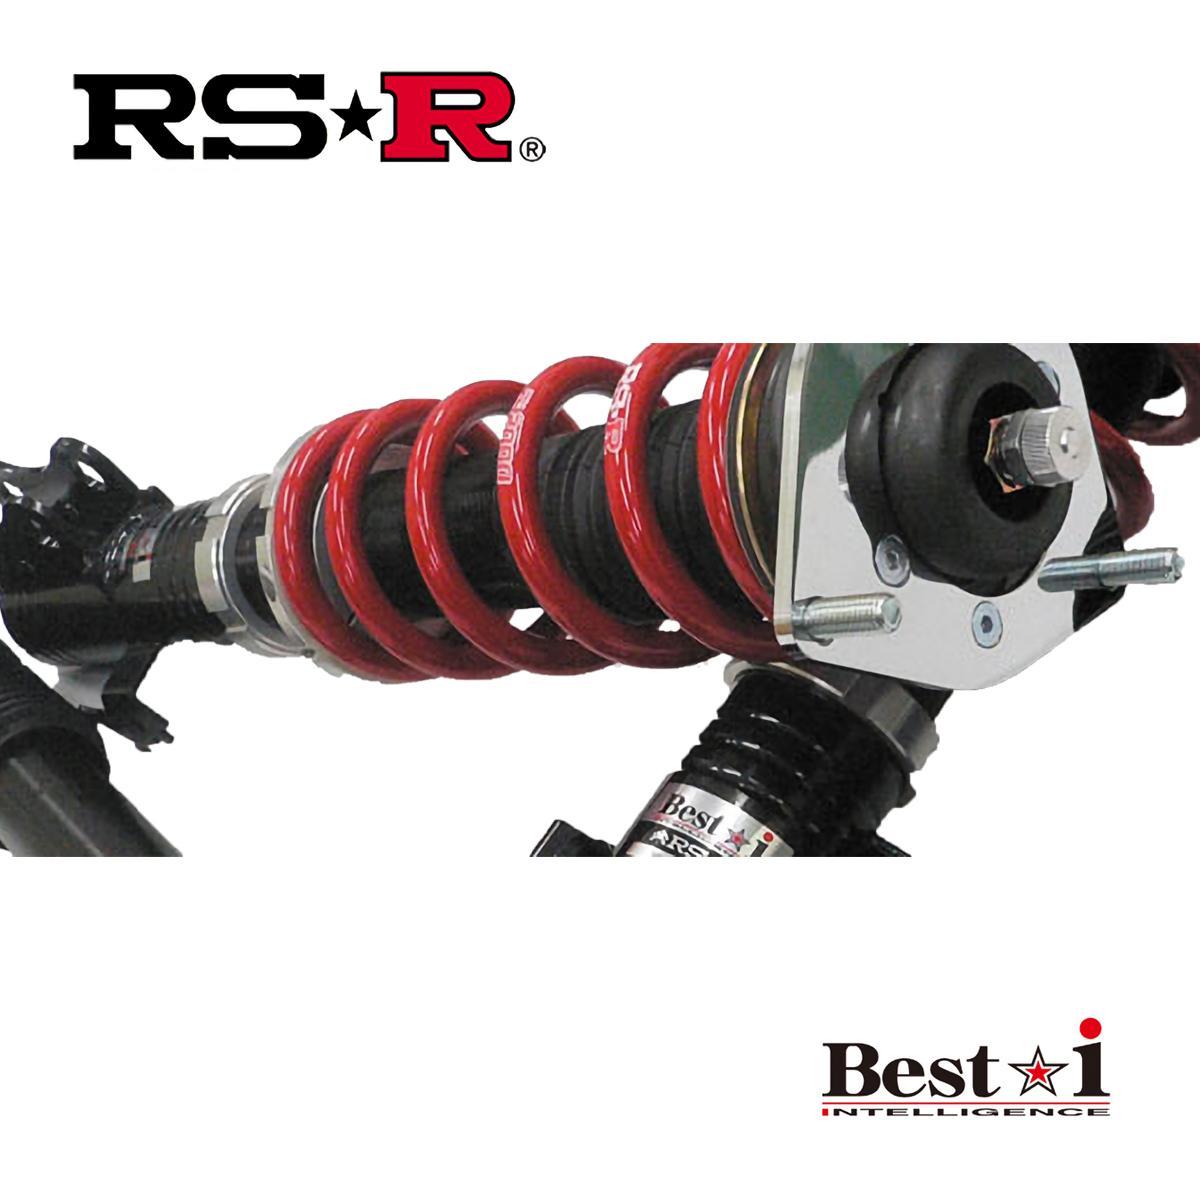 RS-R C-HR NGX10 G-T 車高調 リア車高調整:ネジ式/ハードバネレート仕様 BIT382H ベストi RSR 個人宅発送追金有